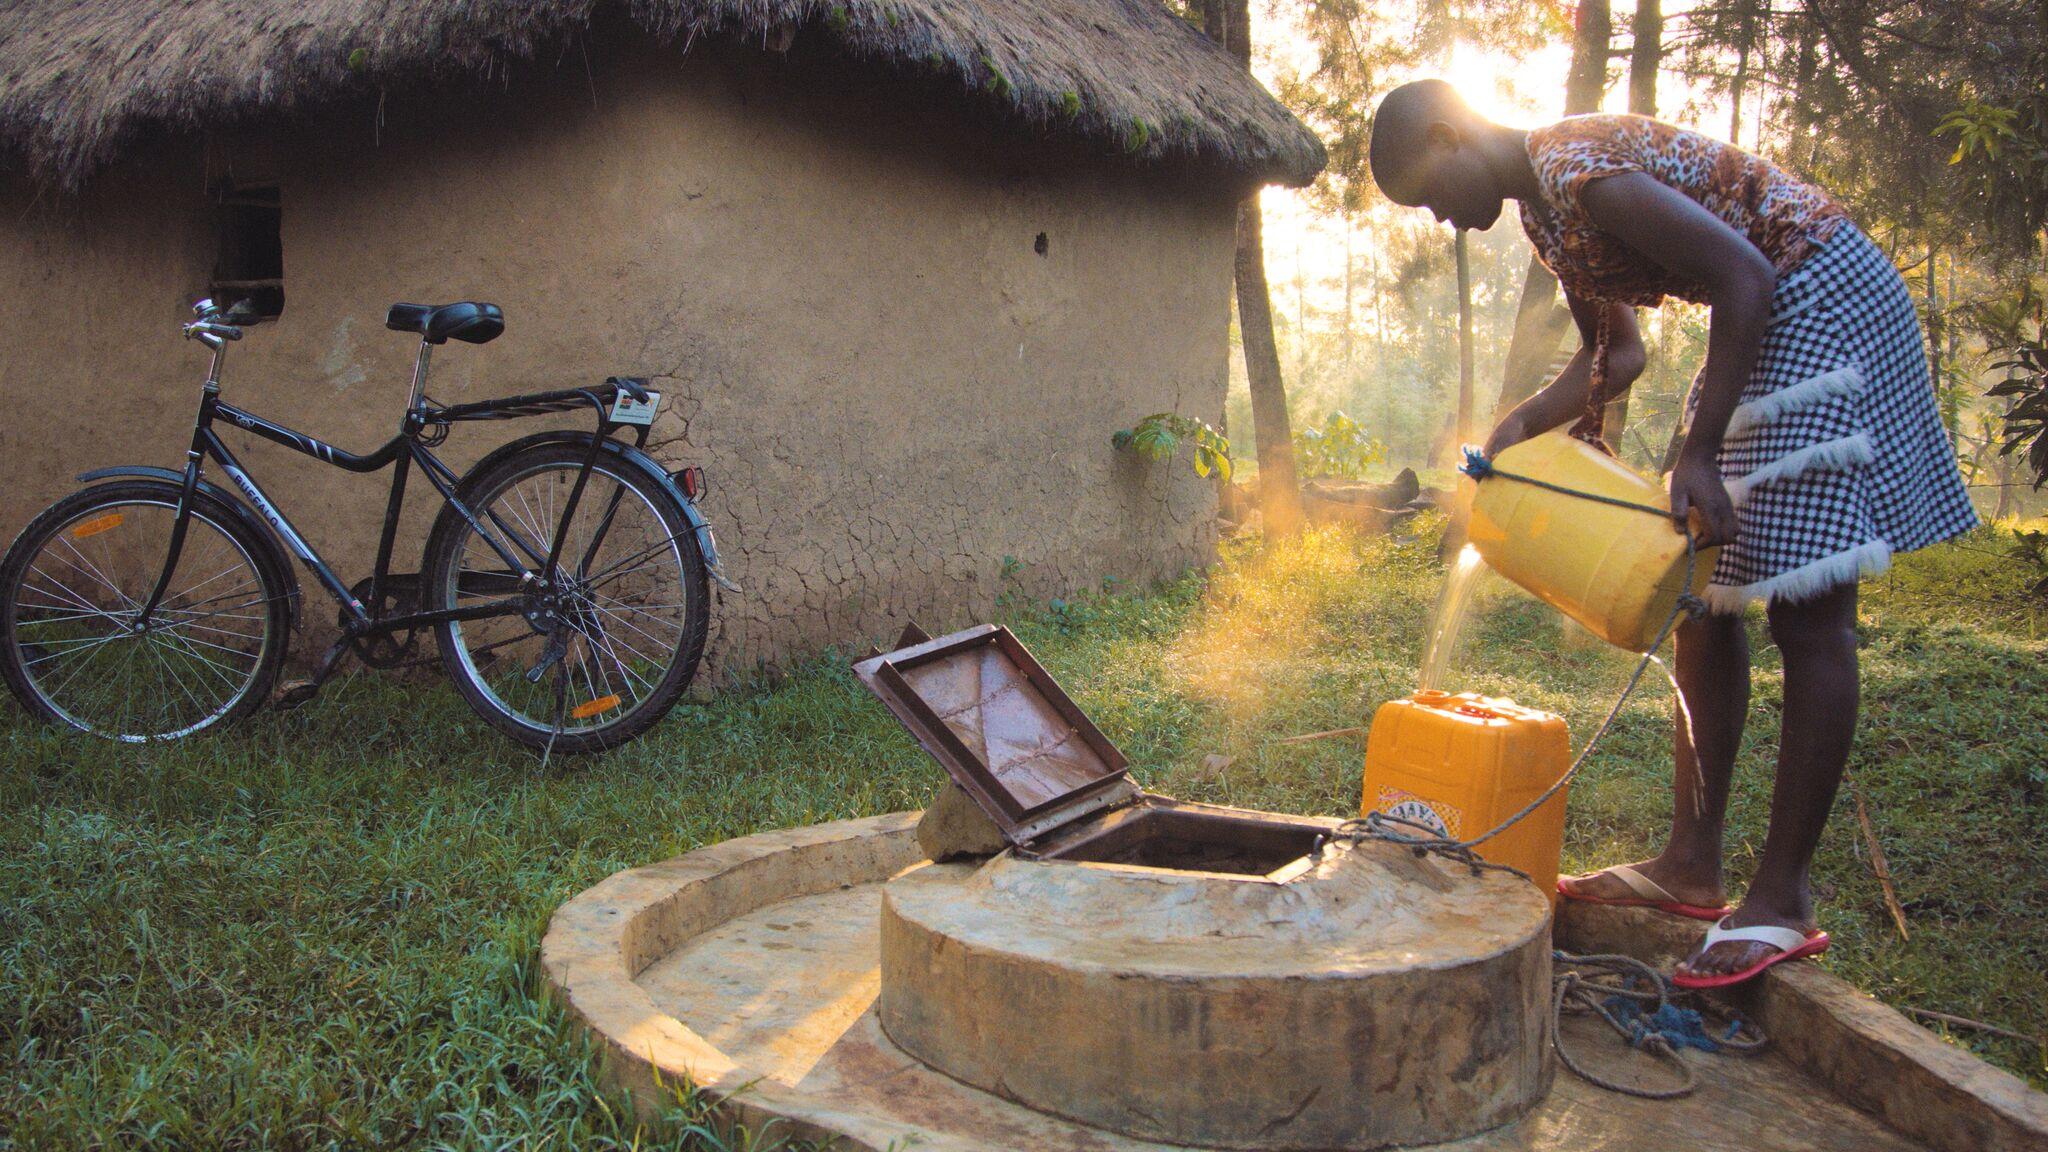 © WorldBicycle Relief/  Bevor sie ein Fahrrad bekam, musste Dianah aus Kenia morgens vor der Schule mehr als eine Stunde Zeit zum Wasserholen einplanen. Mit dem Fahrrad spart sie die Hälfte der Zeit und kommt ausgeschlafener in der Schule an.